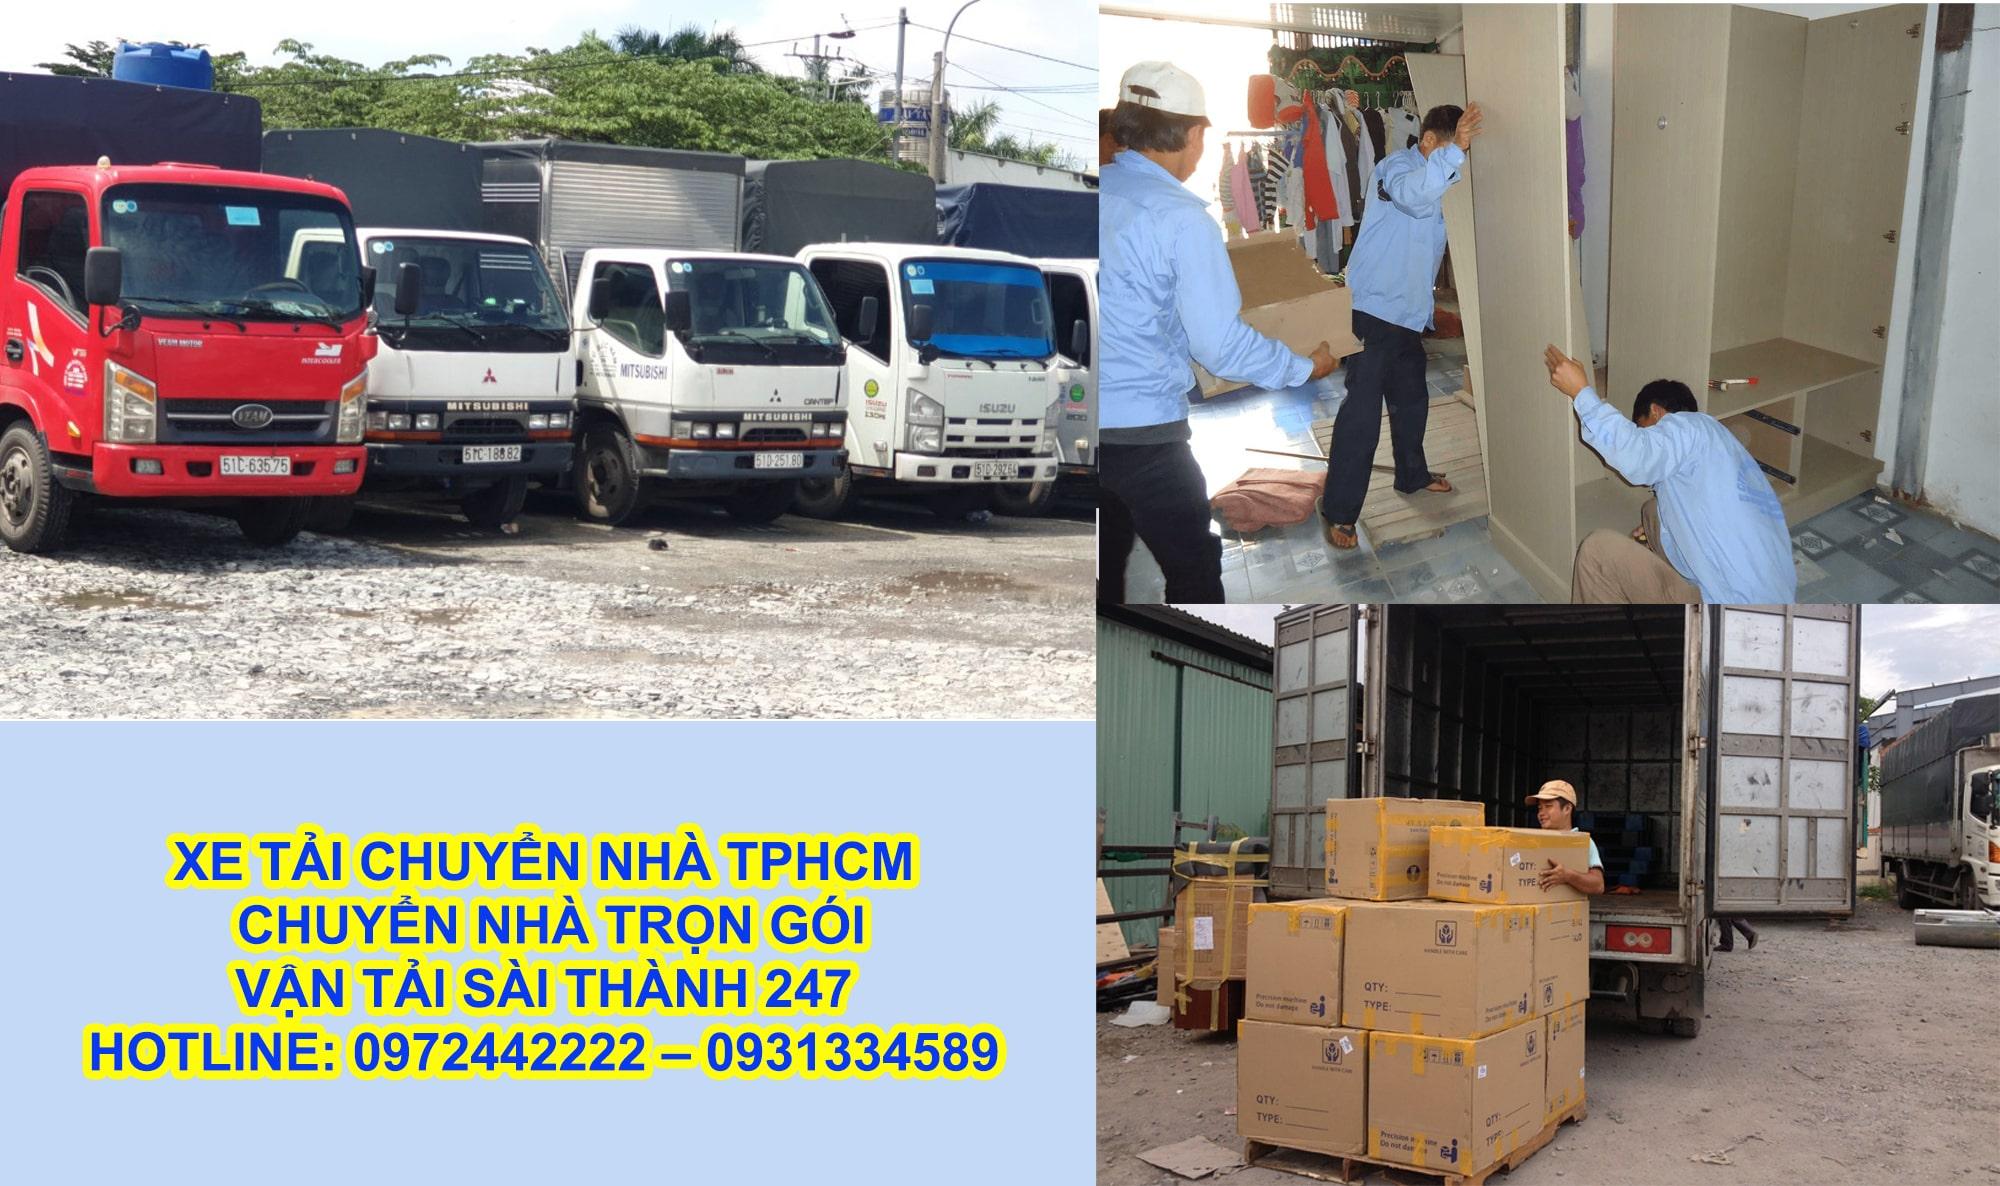 Xe tải chuyển nhà tphcm giá rẻ - có mặt sau 30 phút